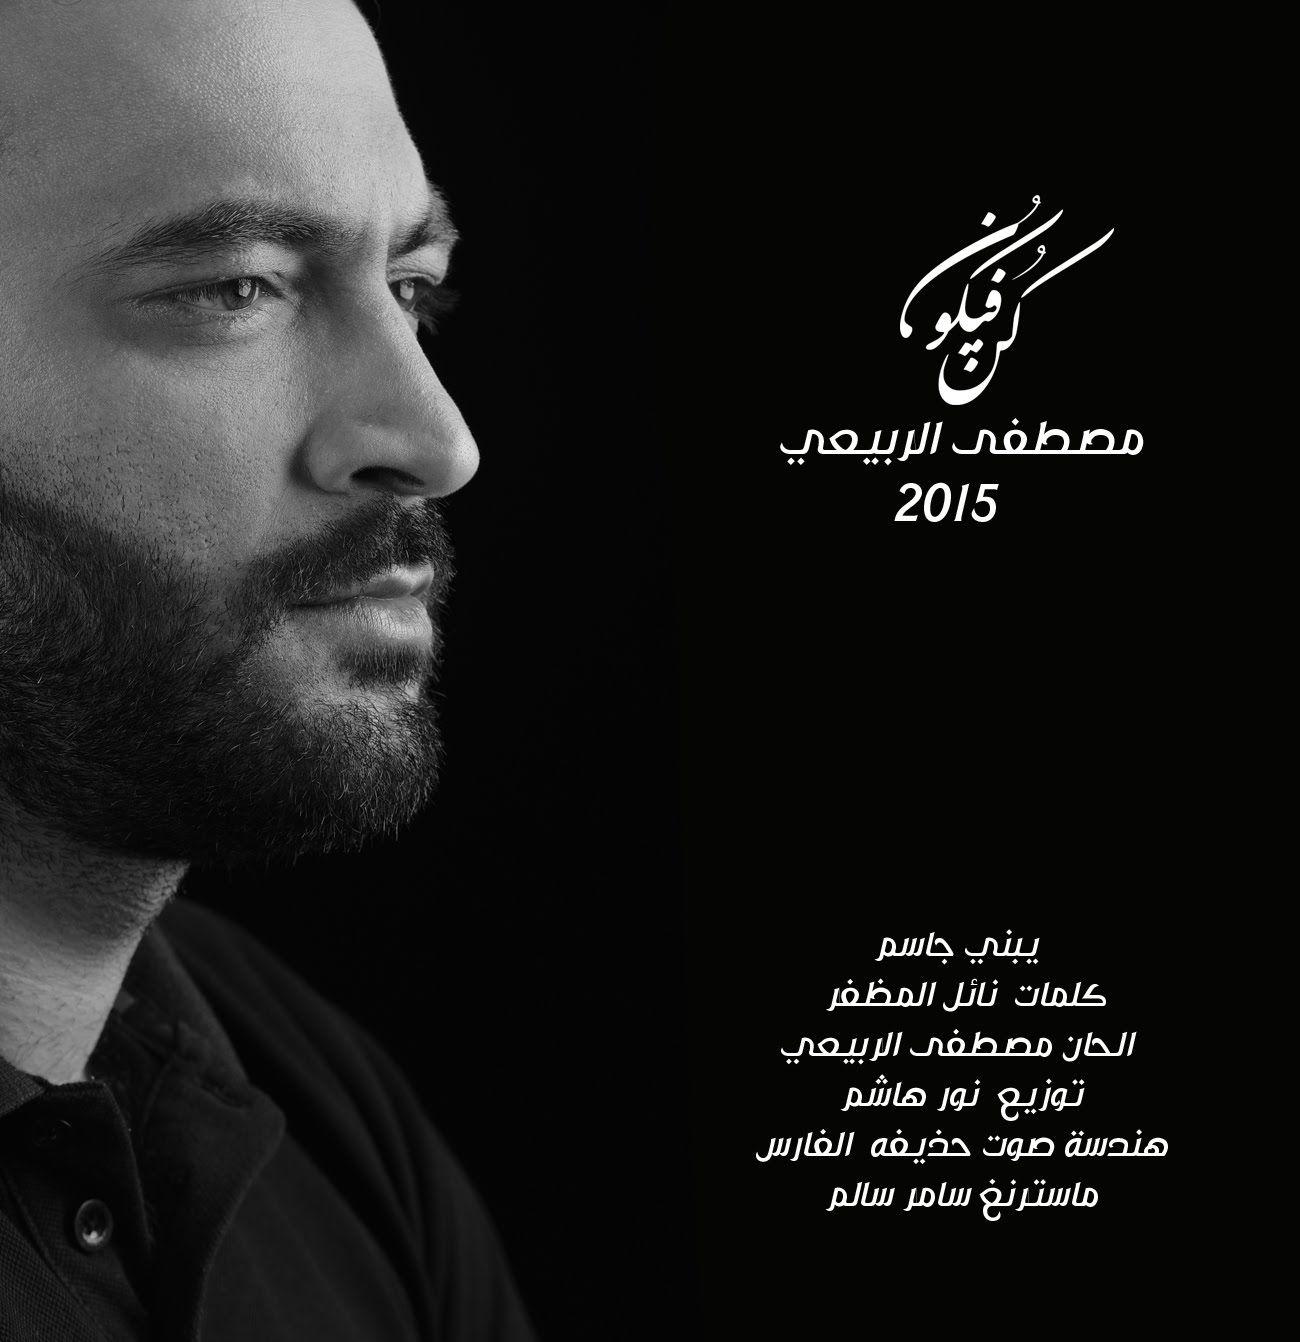 مصطفى الربيعي يبني جاسم Audio Movie Posters Youtube Singer